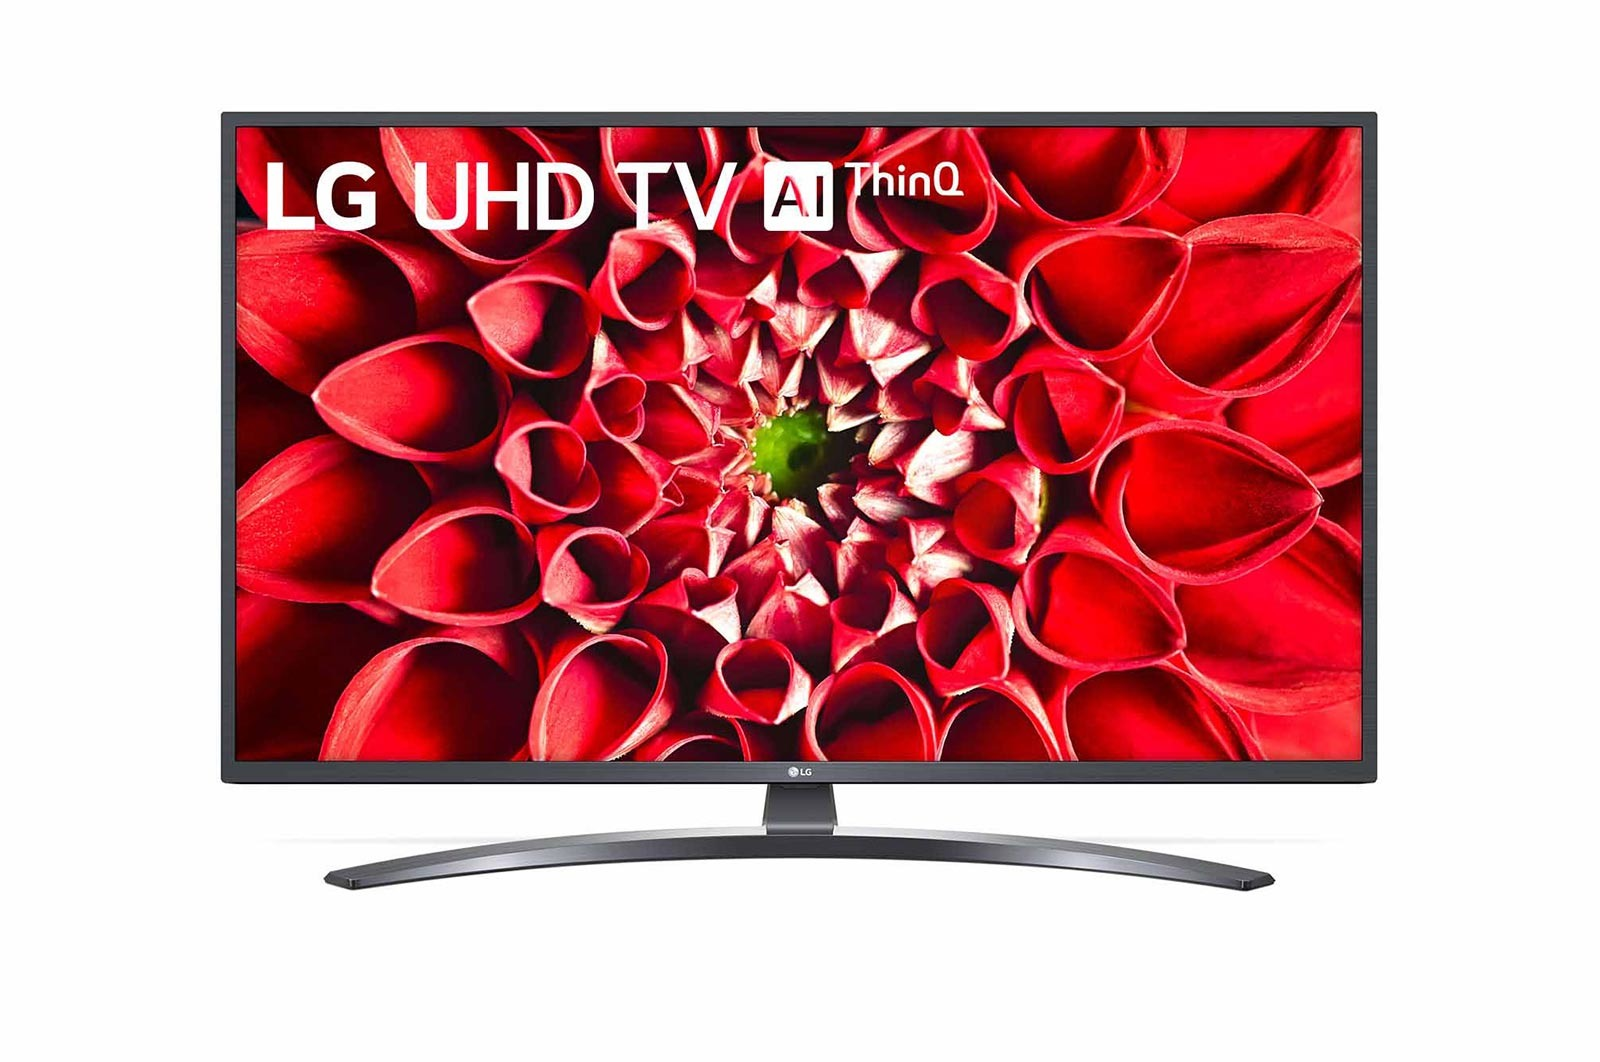 LG 43UN74006LB 43 inch UHD TV